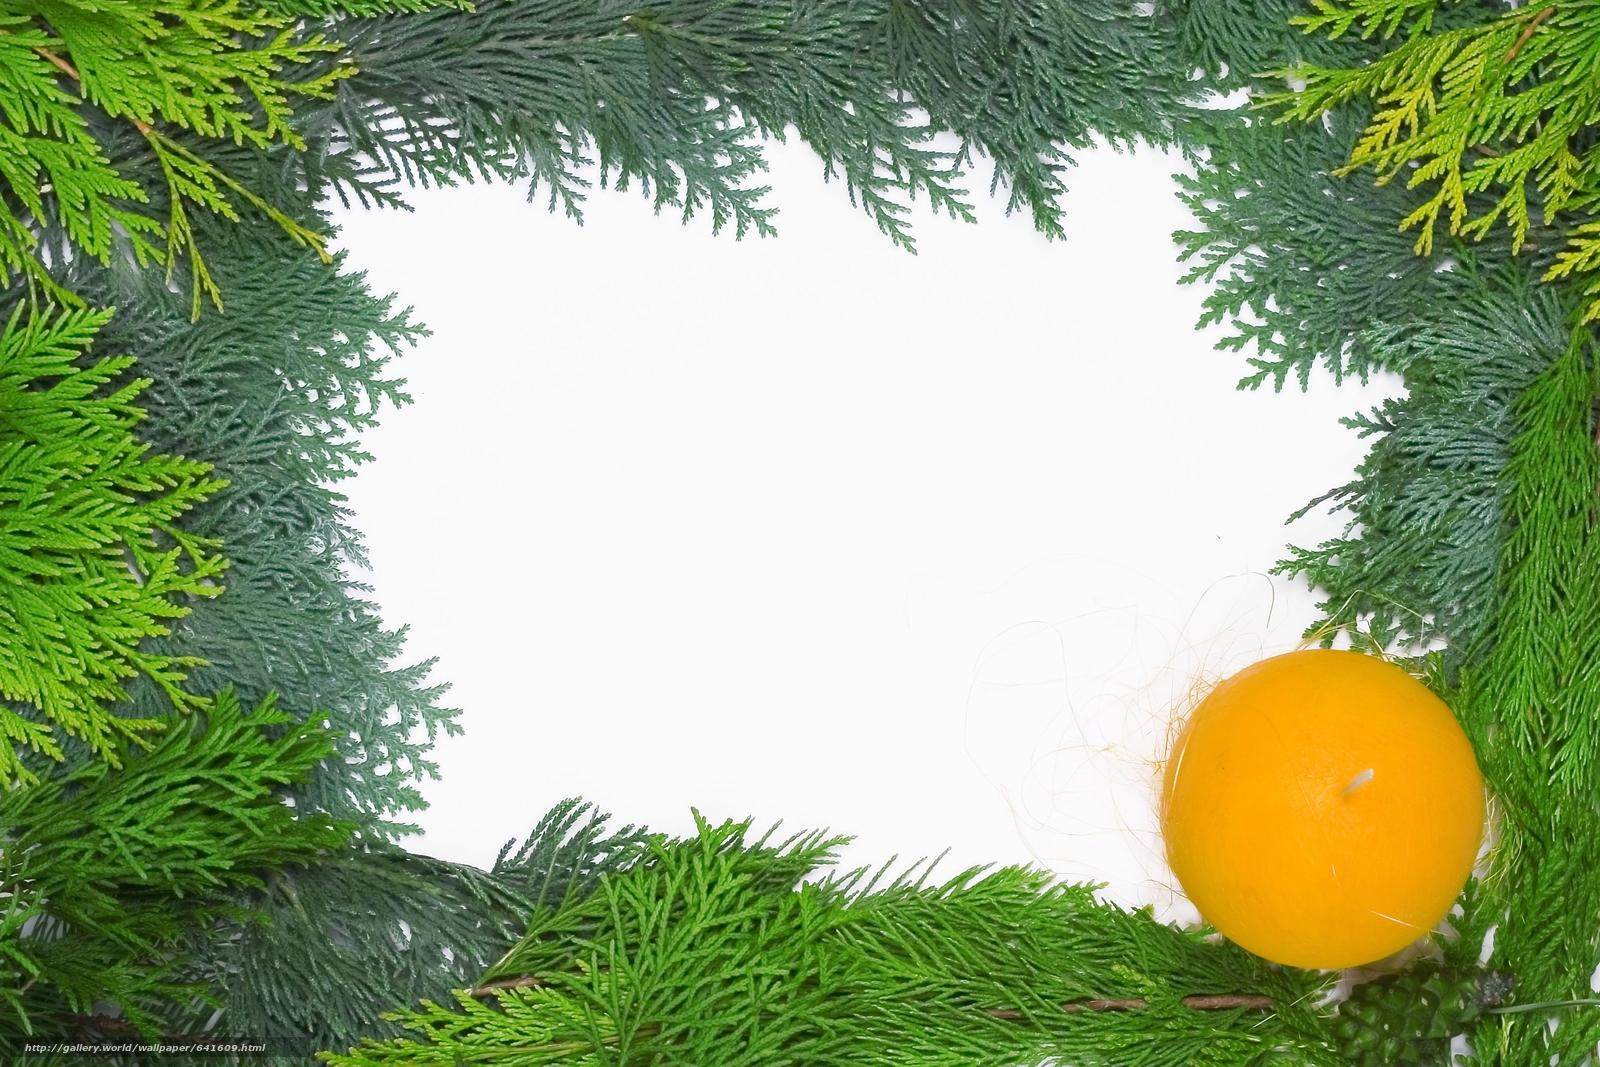 Скачать обои Новый год,  праздник,  хвоя,  шарик бесплатно для рабочего стола в разрешении 3072x2048 — картинка №641609